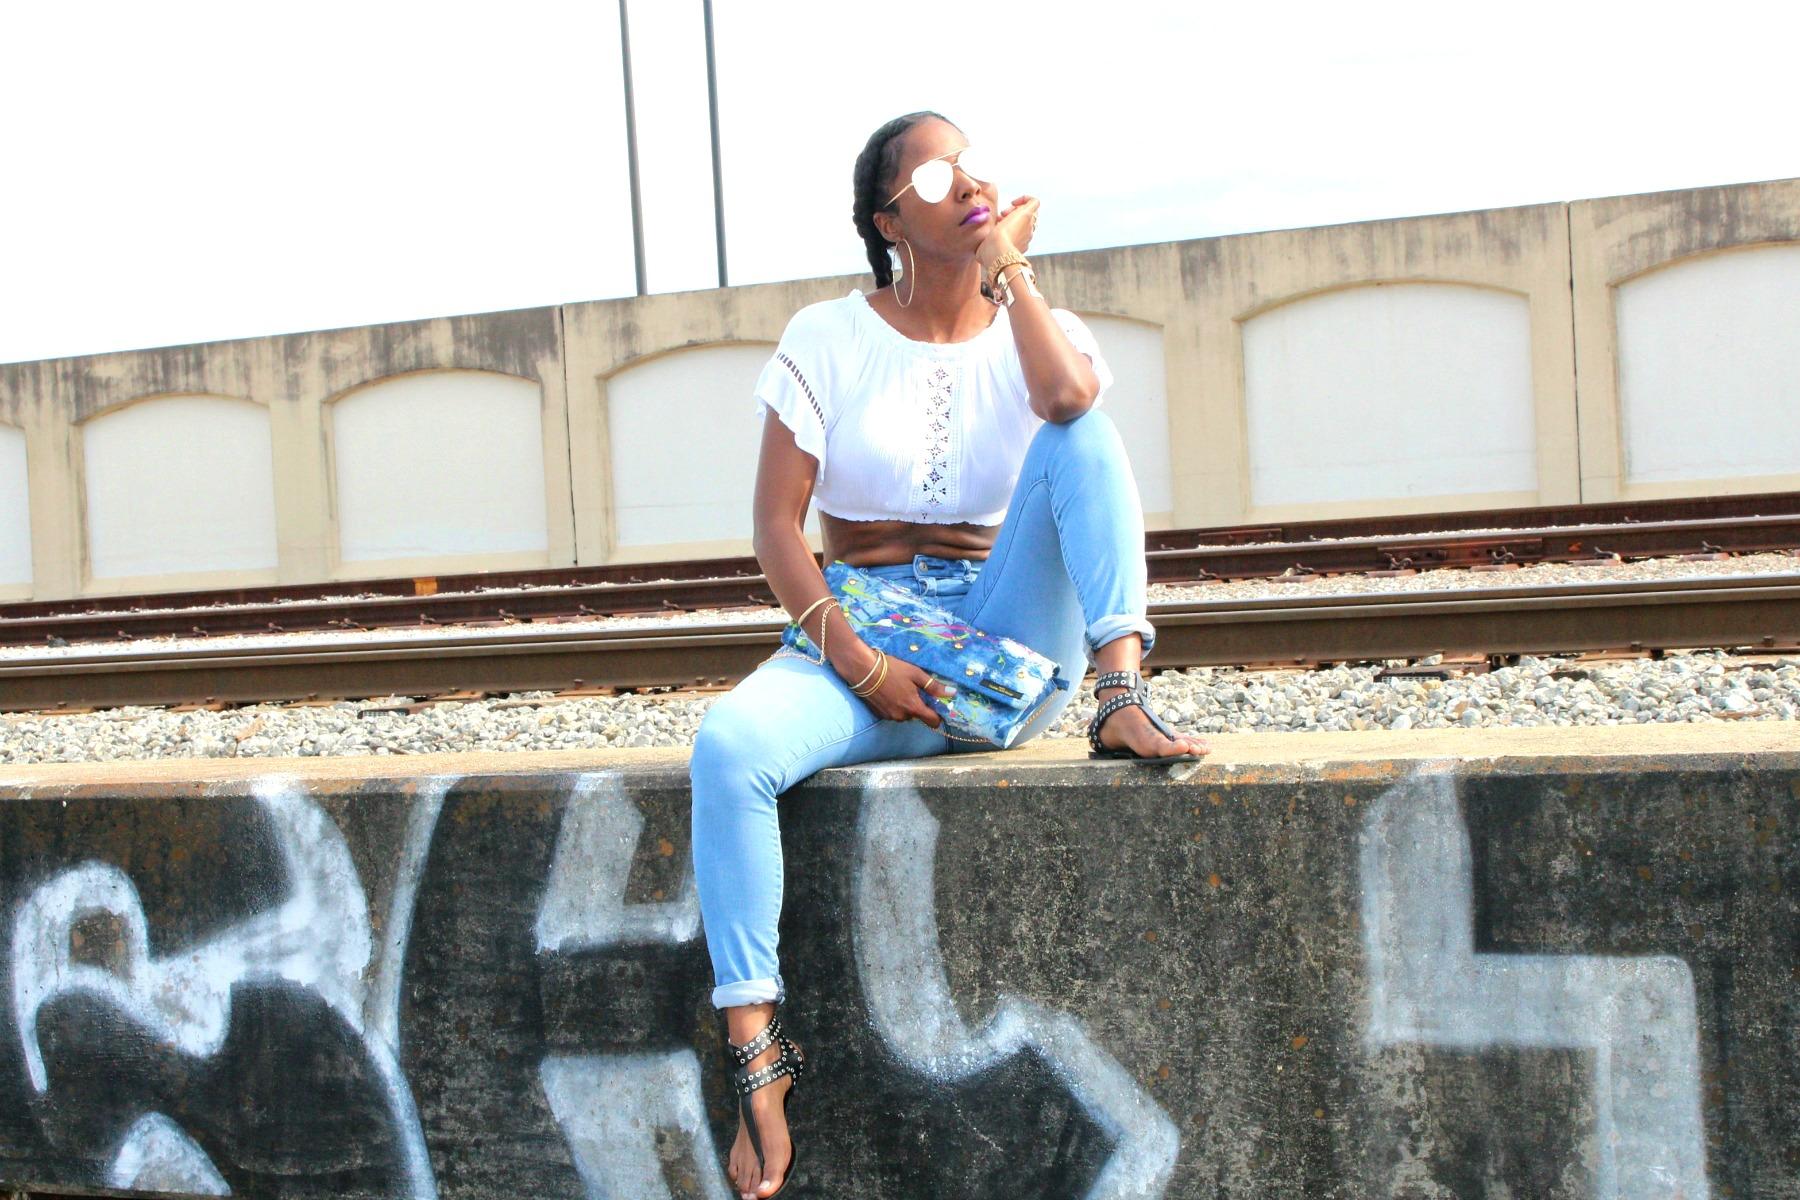 Denim graffiti clutch purse